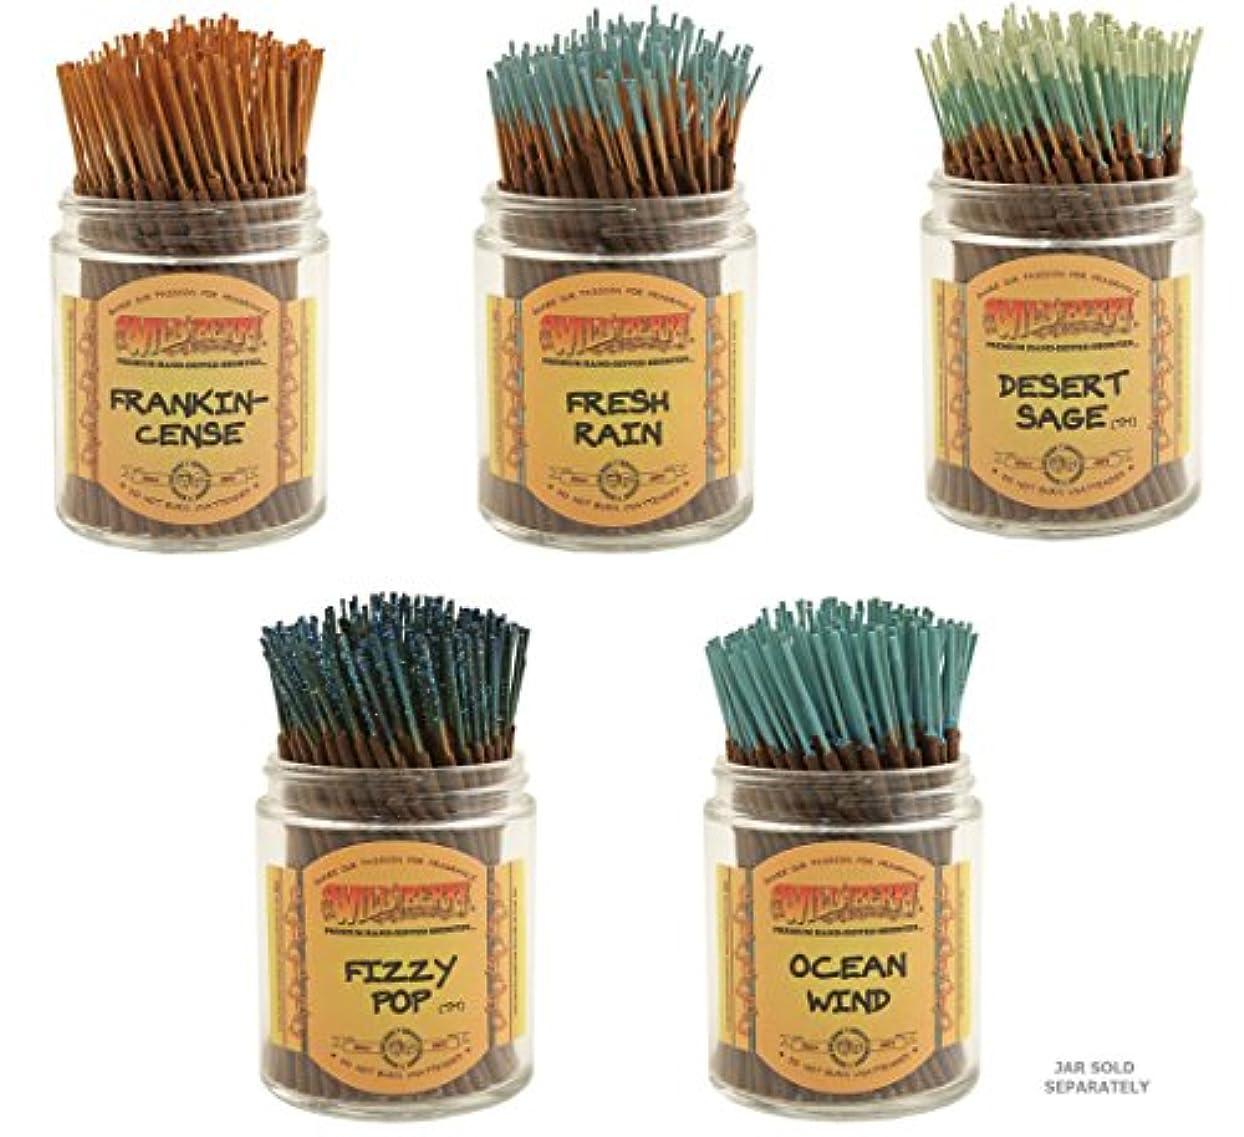 キャロライン毎回器官Wildberry Short Incense Sticks – Set of 5秋Fragrances – 砂漠セージ、Fizzy Pop , Frankincenseフレッシュ、雨、海洋風( 100各パック、合計500...